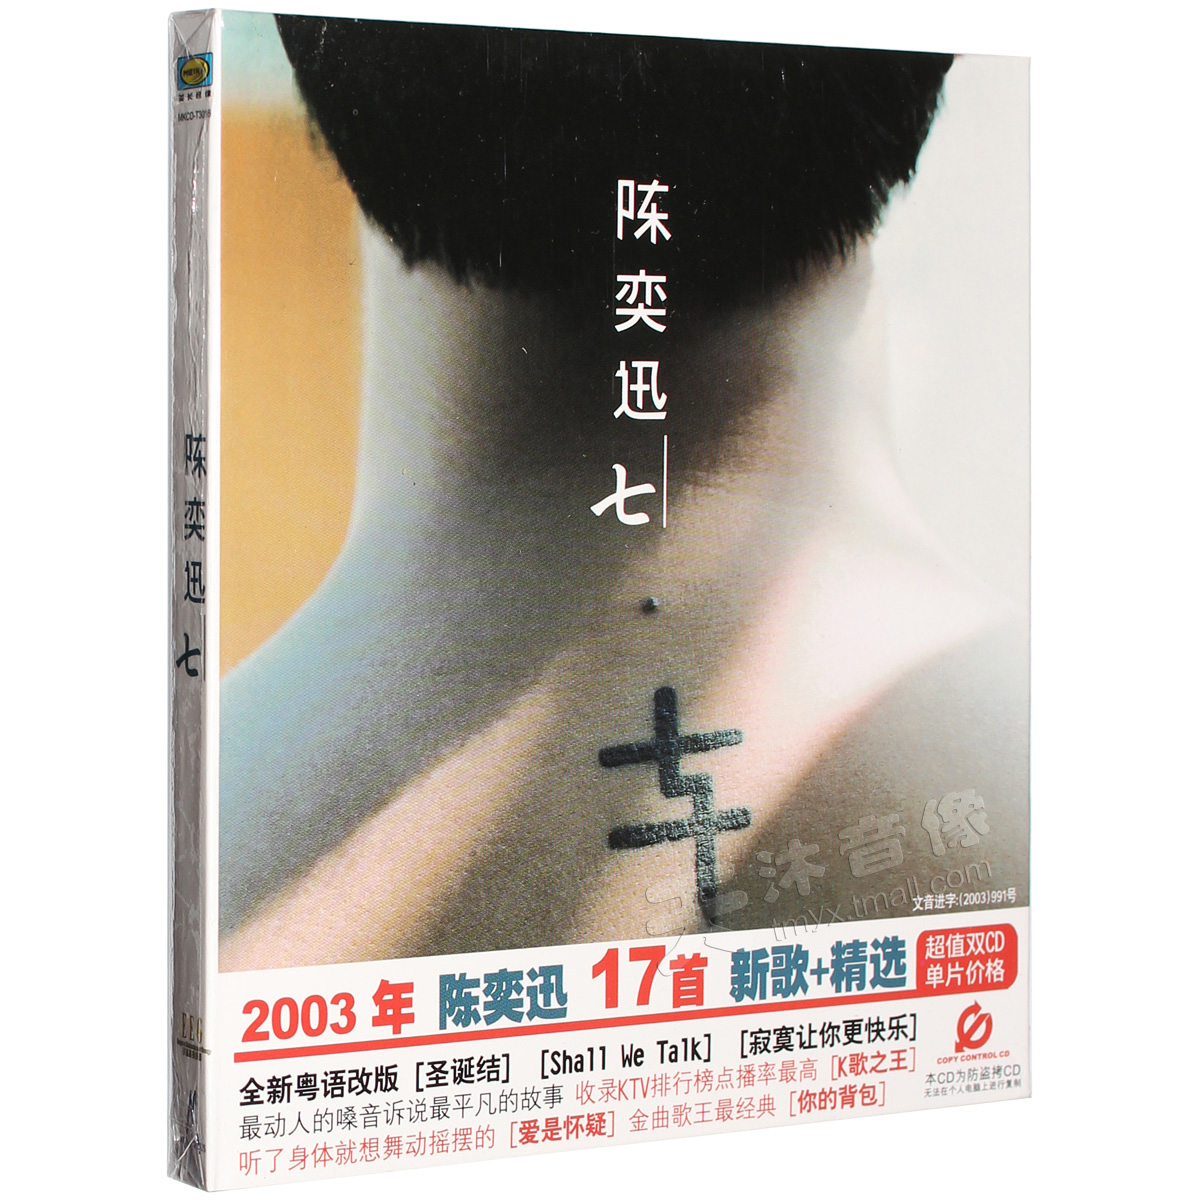 现货正版 陈奕迅专辑 七 17首新歌+精选 2CD 附歌词本 音乐唱片